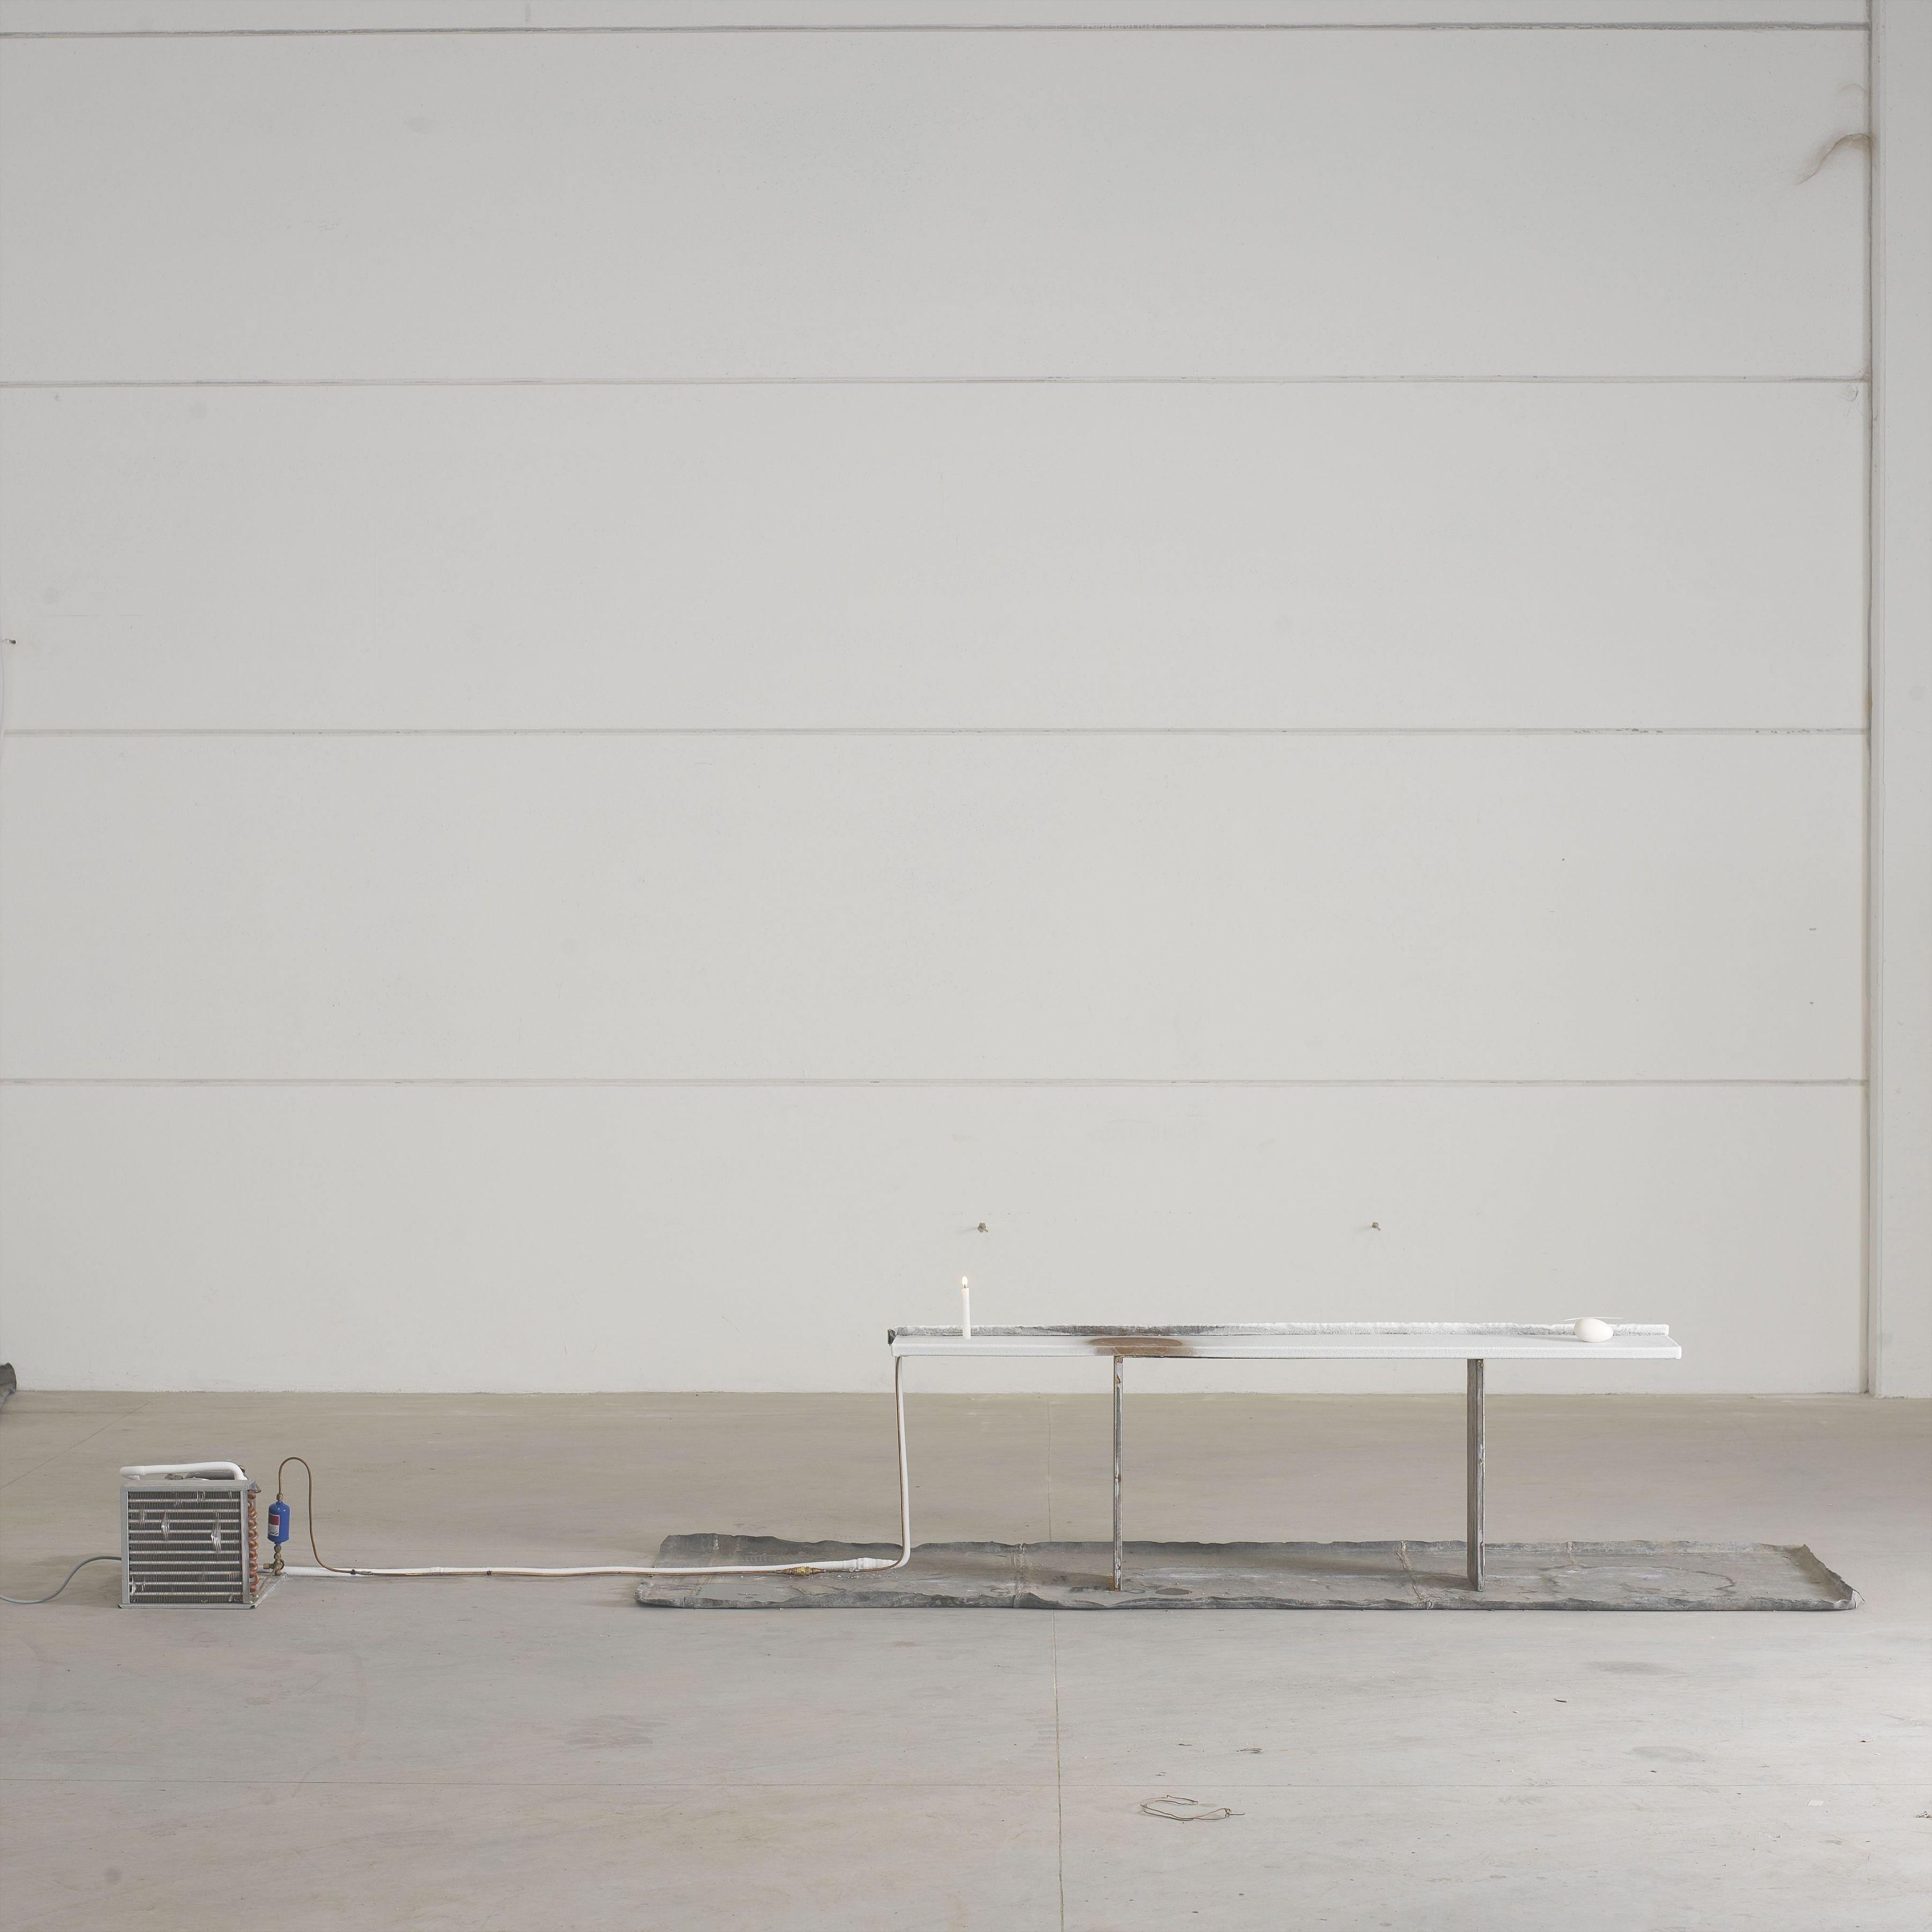 Pier Paolo Calzolari, Untitled (Lasciare il posto), 1967-1970